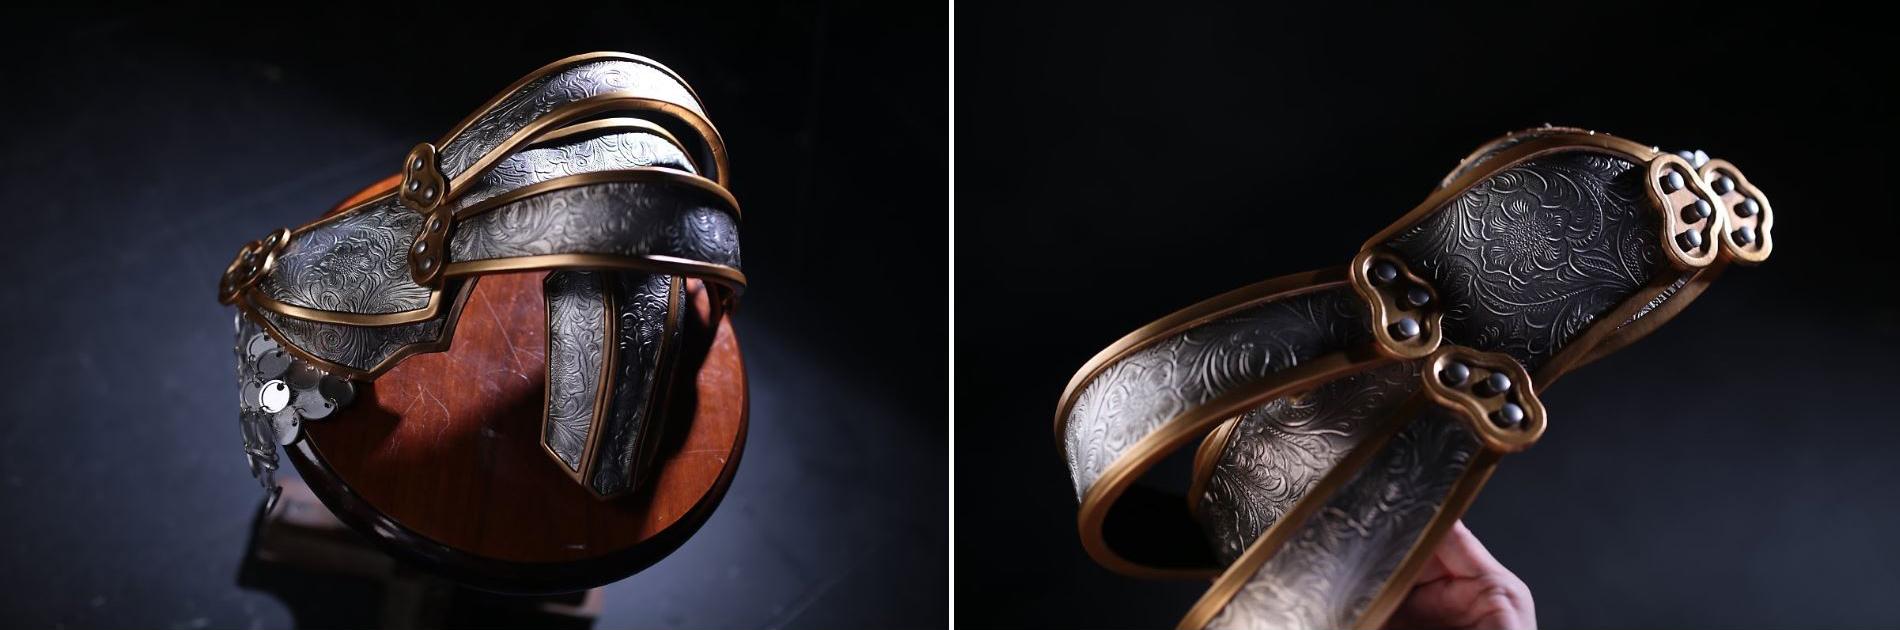 Cosplay Ranger (Black Desert) by Reve (RZCOS) - 13